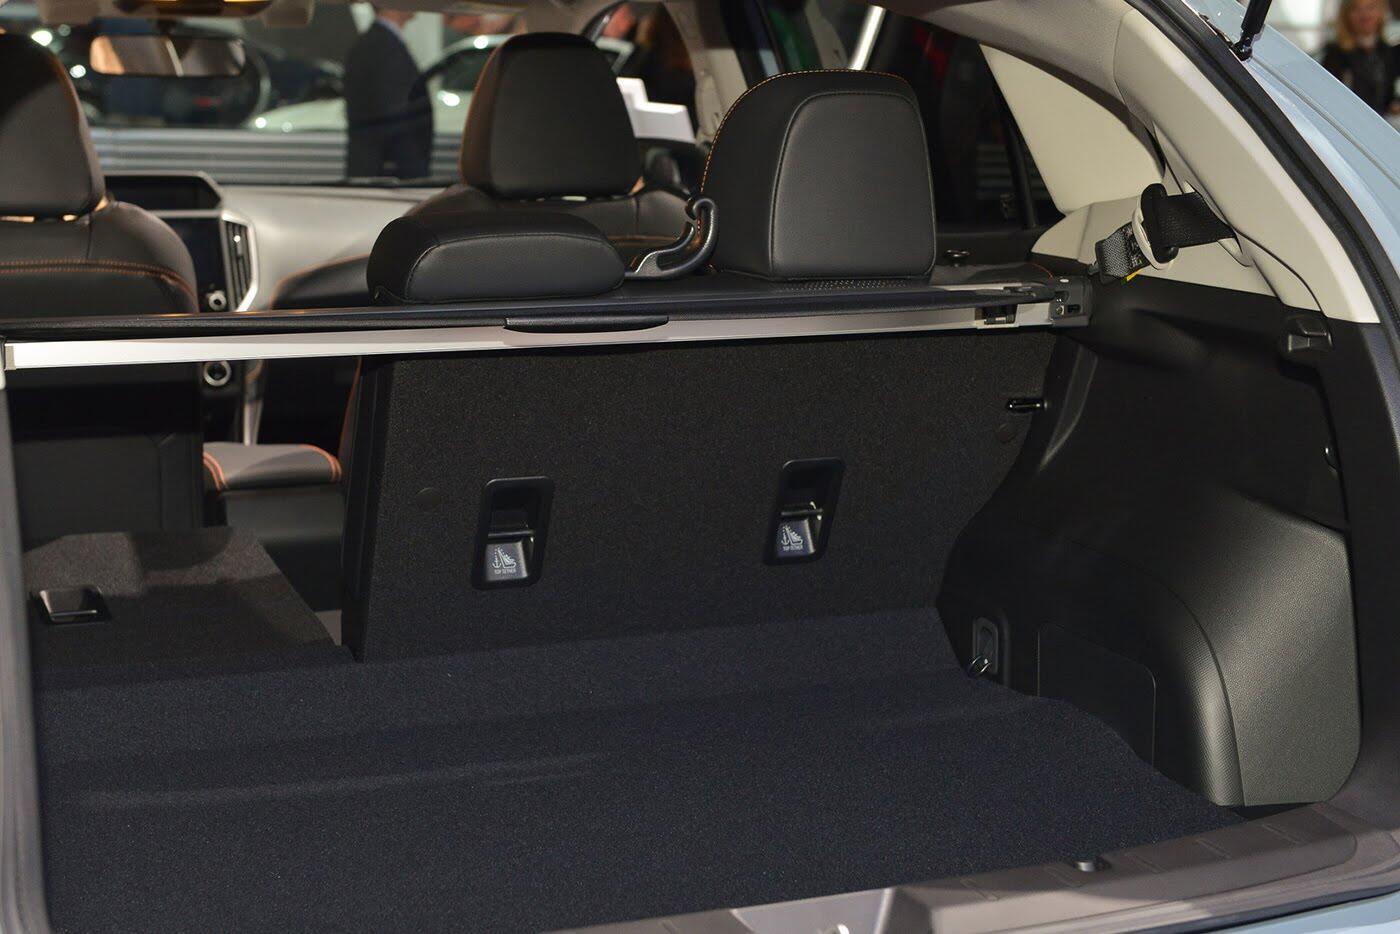 Tò mò ngắm đối thủ của Honda CR-V - Hình 5